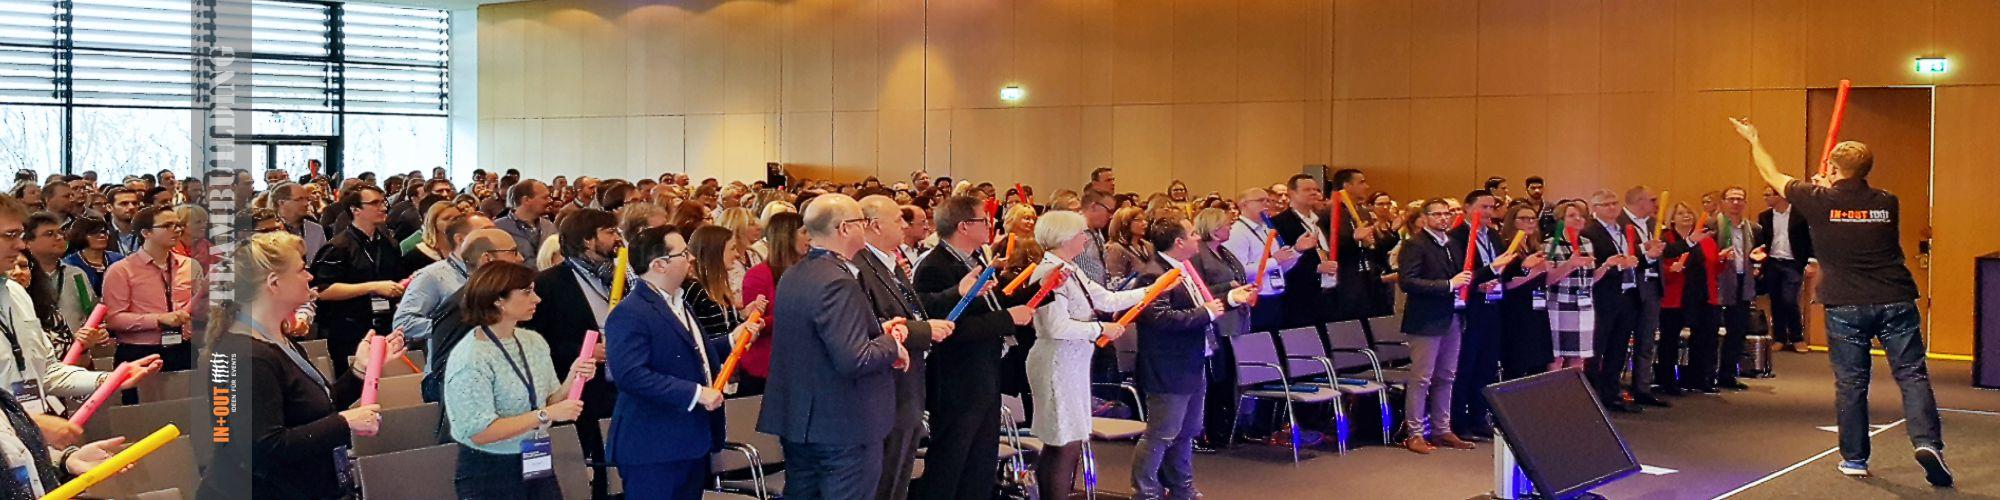 Ideen für Team Events - Bommwhacker Incentive - Lufthansa 550 Teilnehmer - Frankfurt